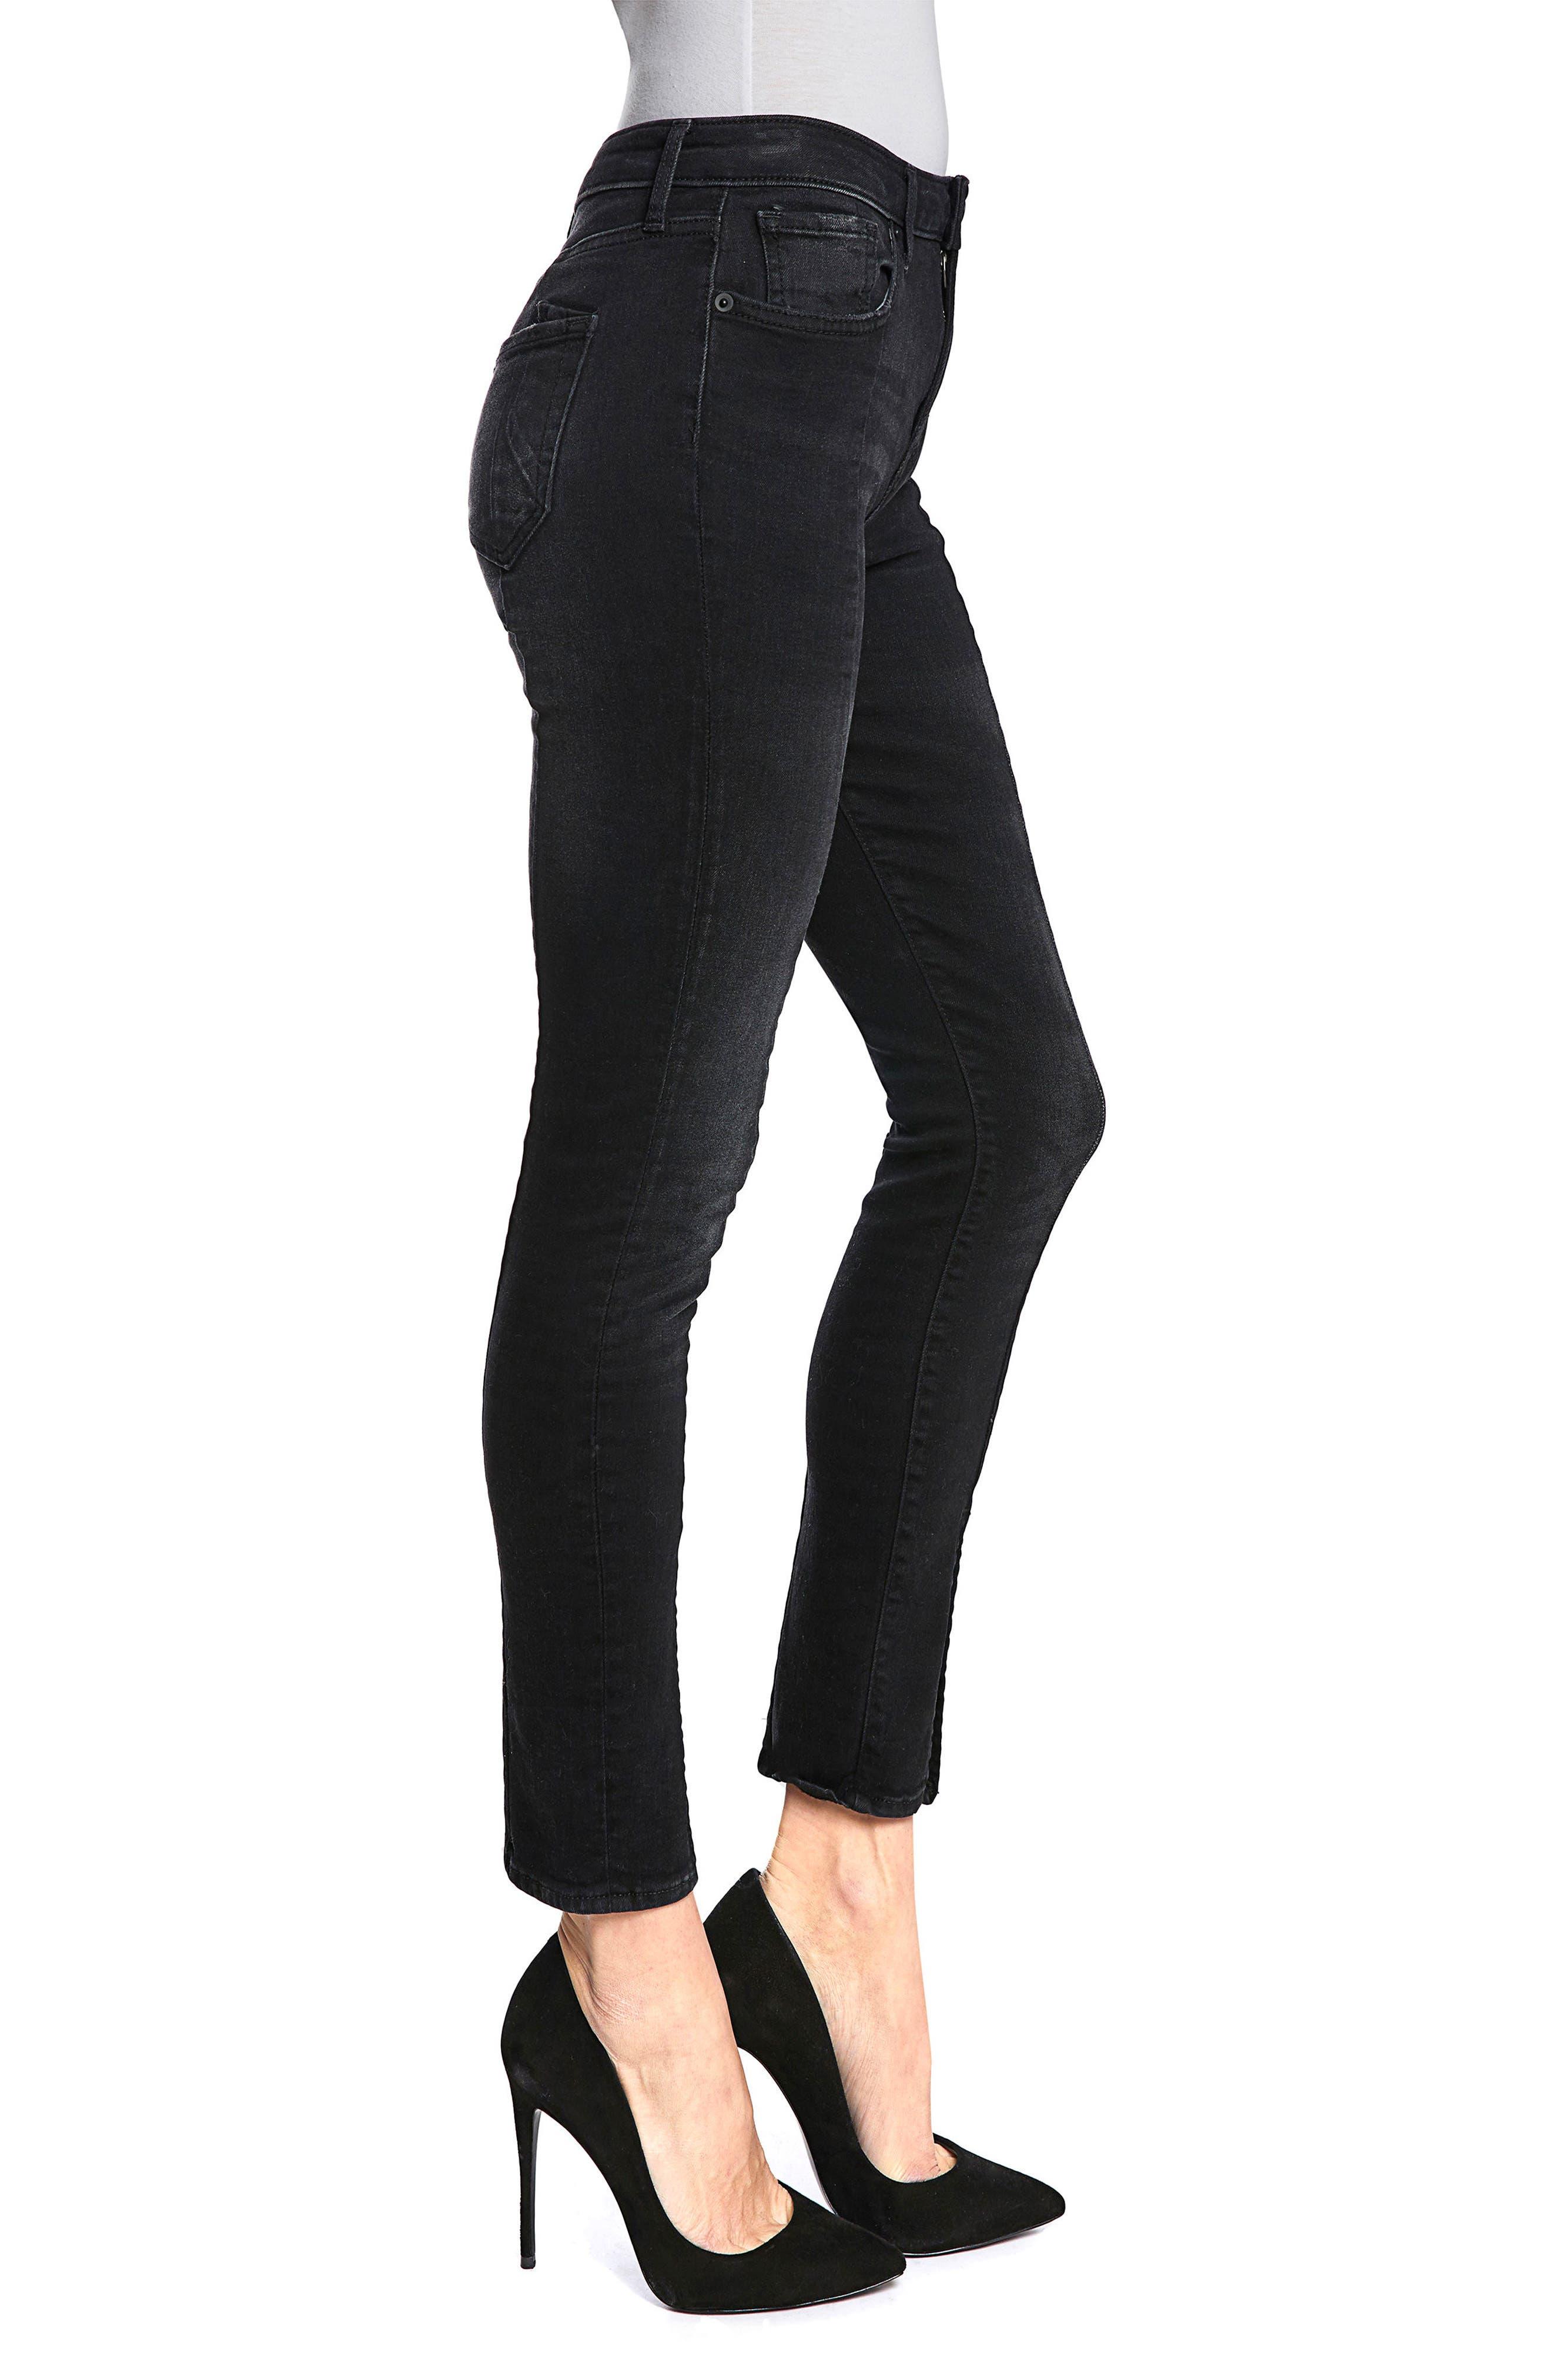 Chevelle Split Ankle Skinny Jeans,                             Alternate thumbnail 3, color,                             Black